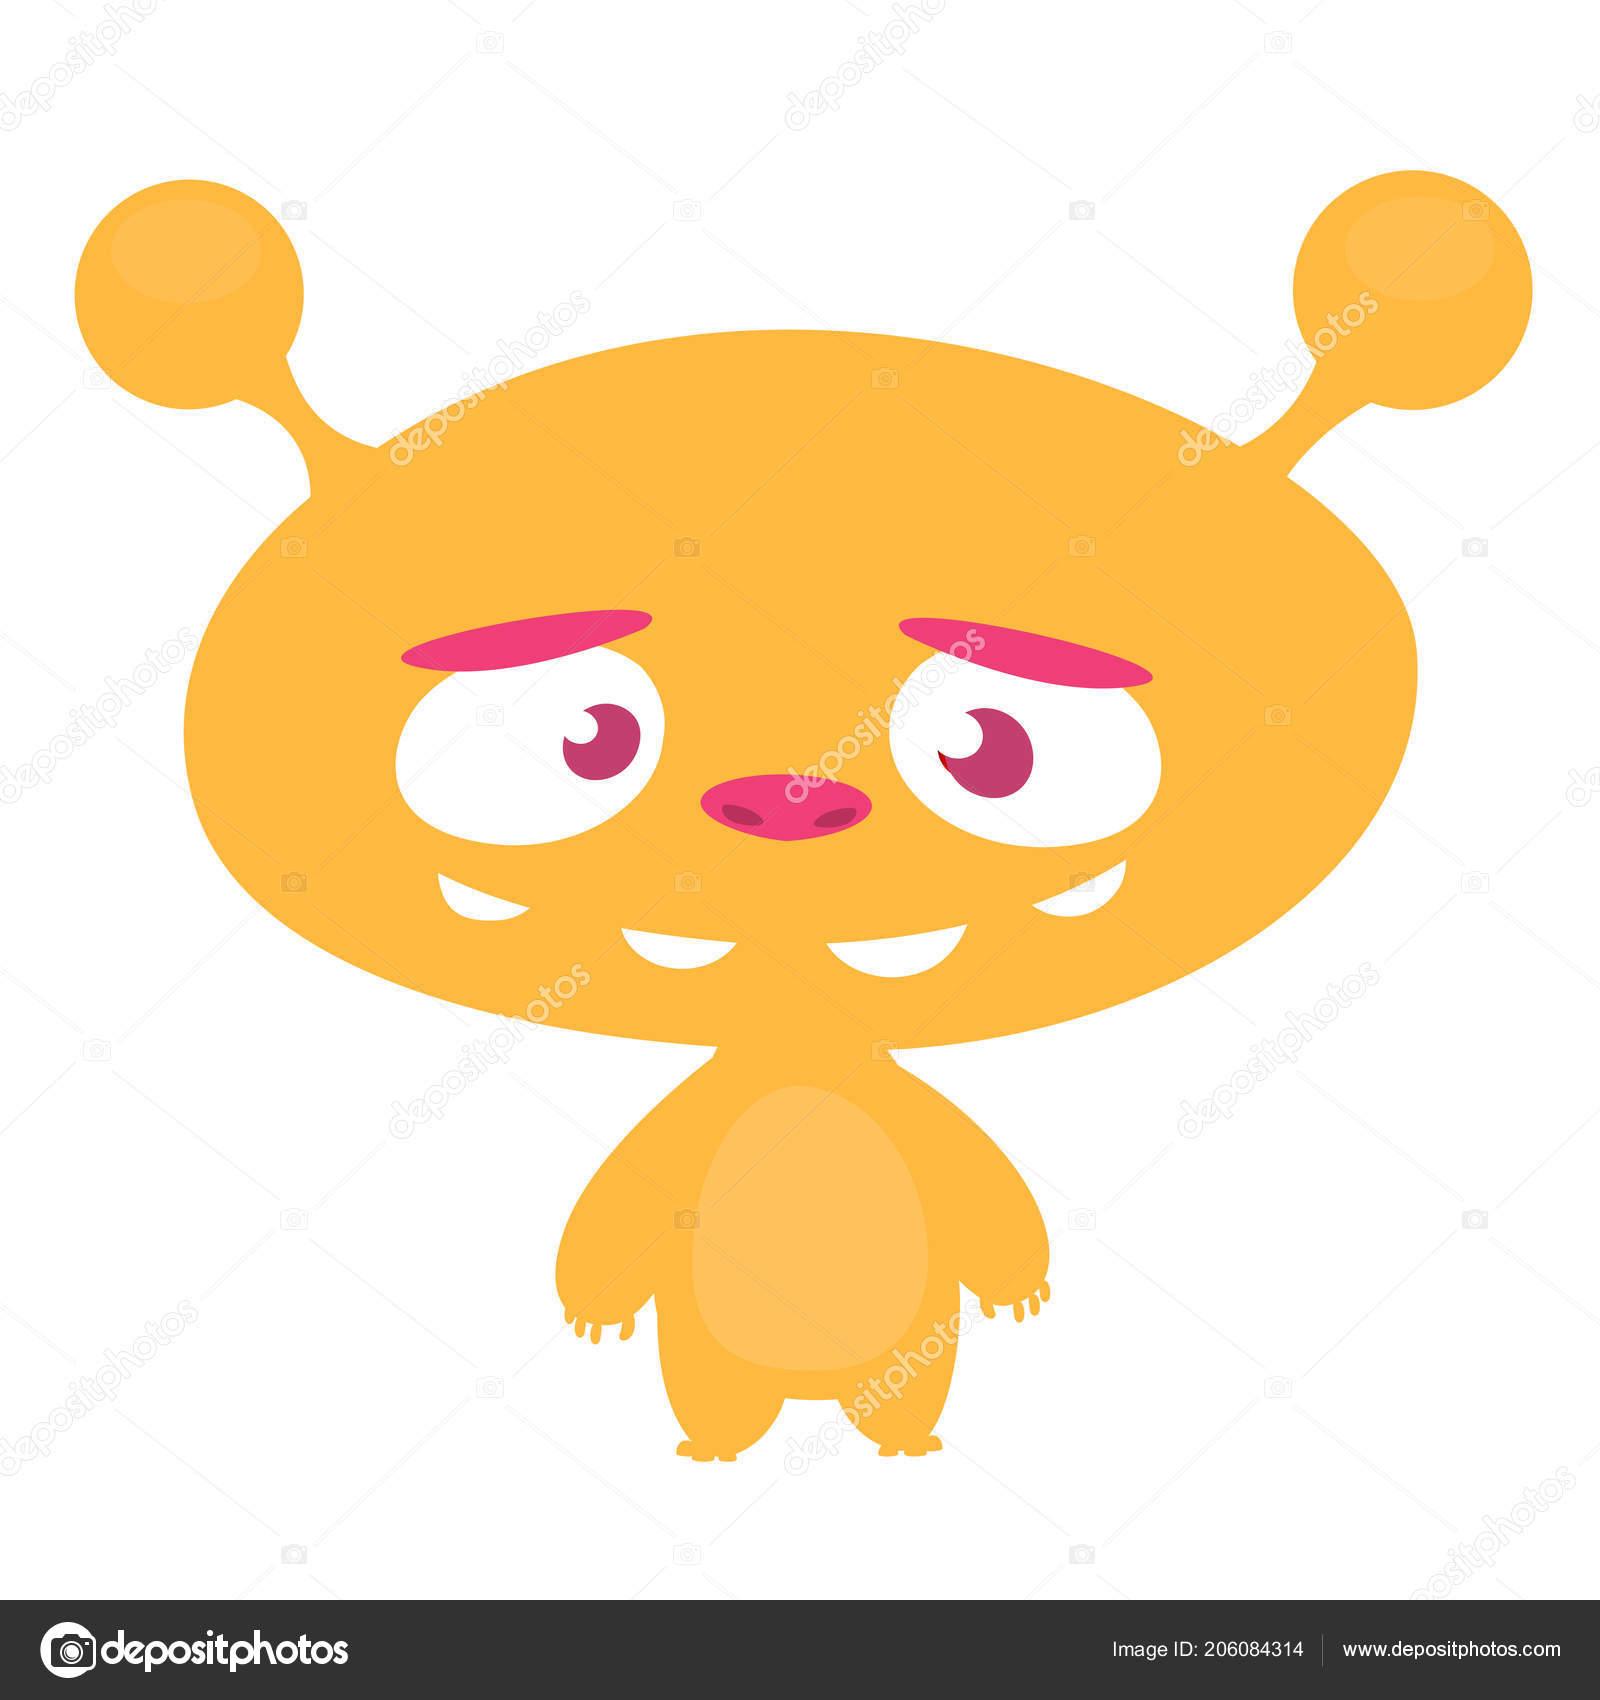 Happy Kreslene Hlavy Vetrelce Vektorove Ilustrace Monster Hlavy